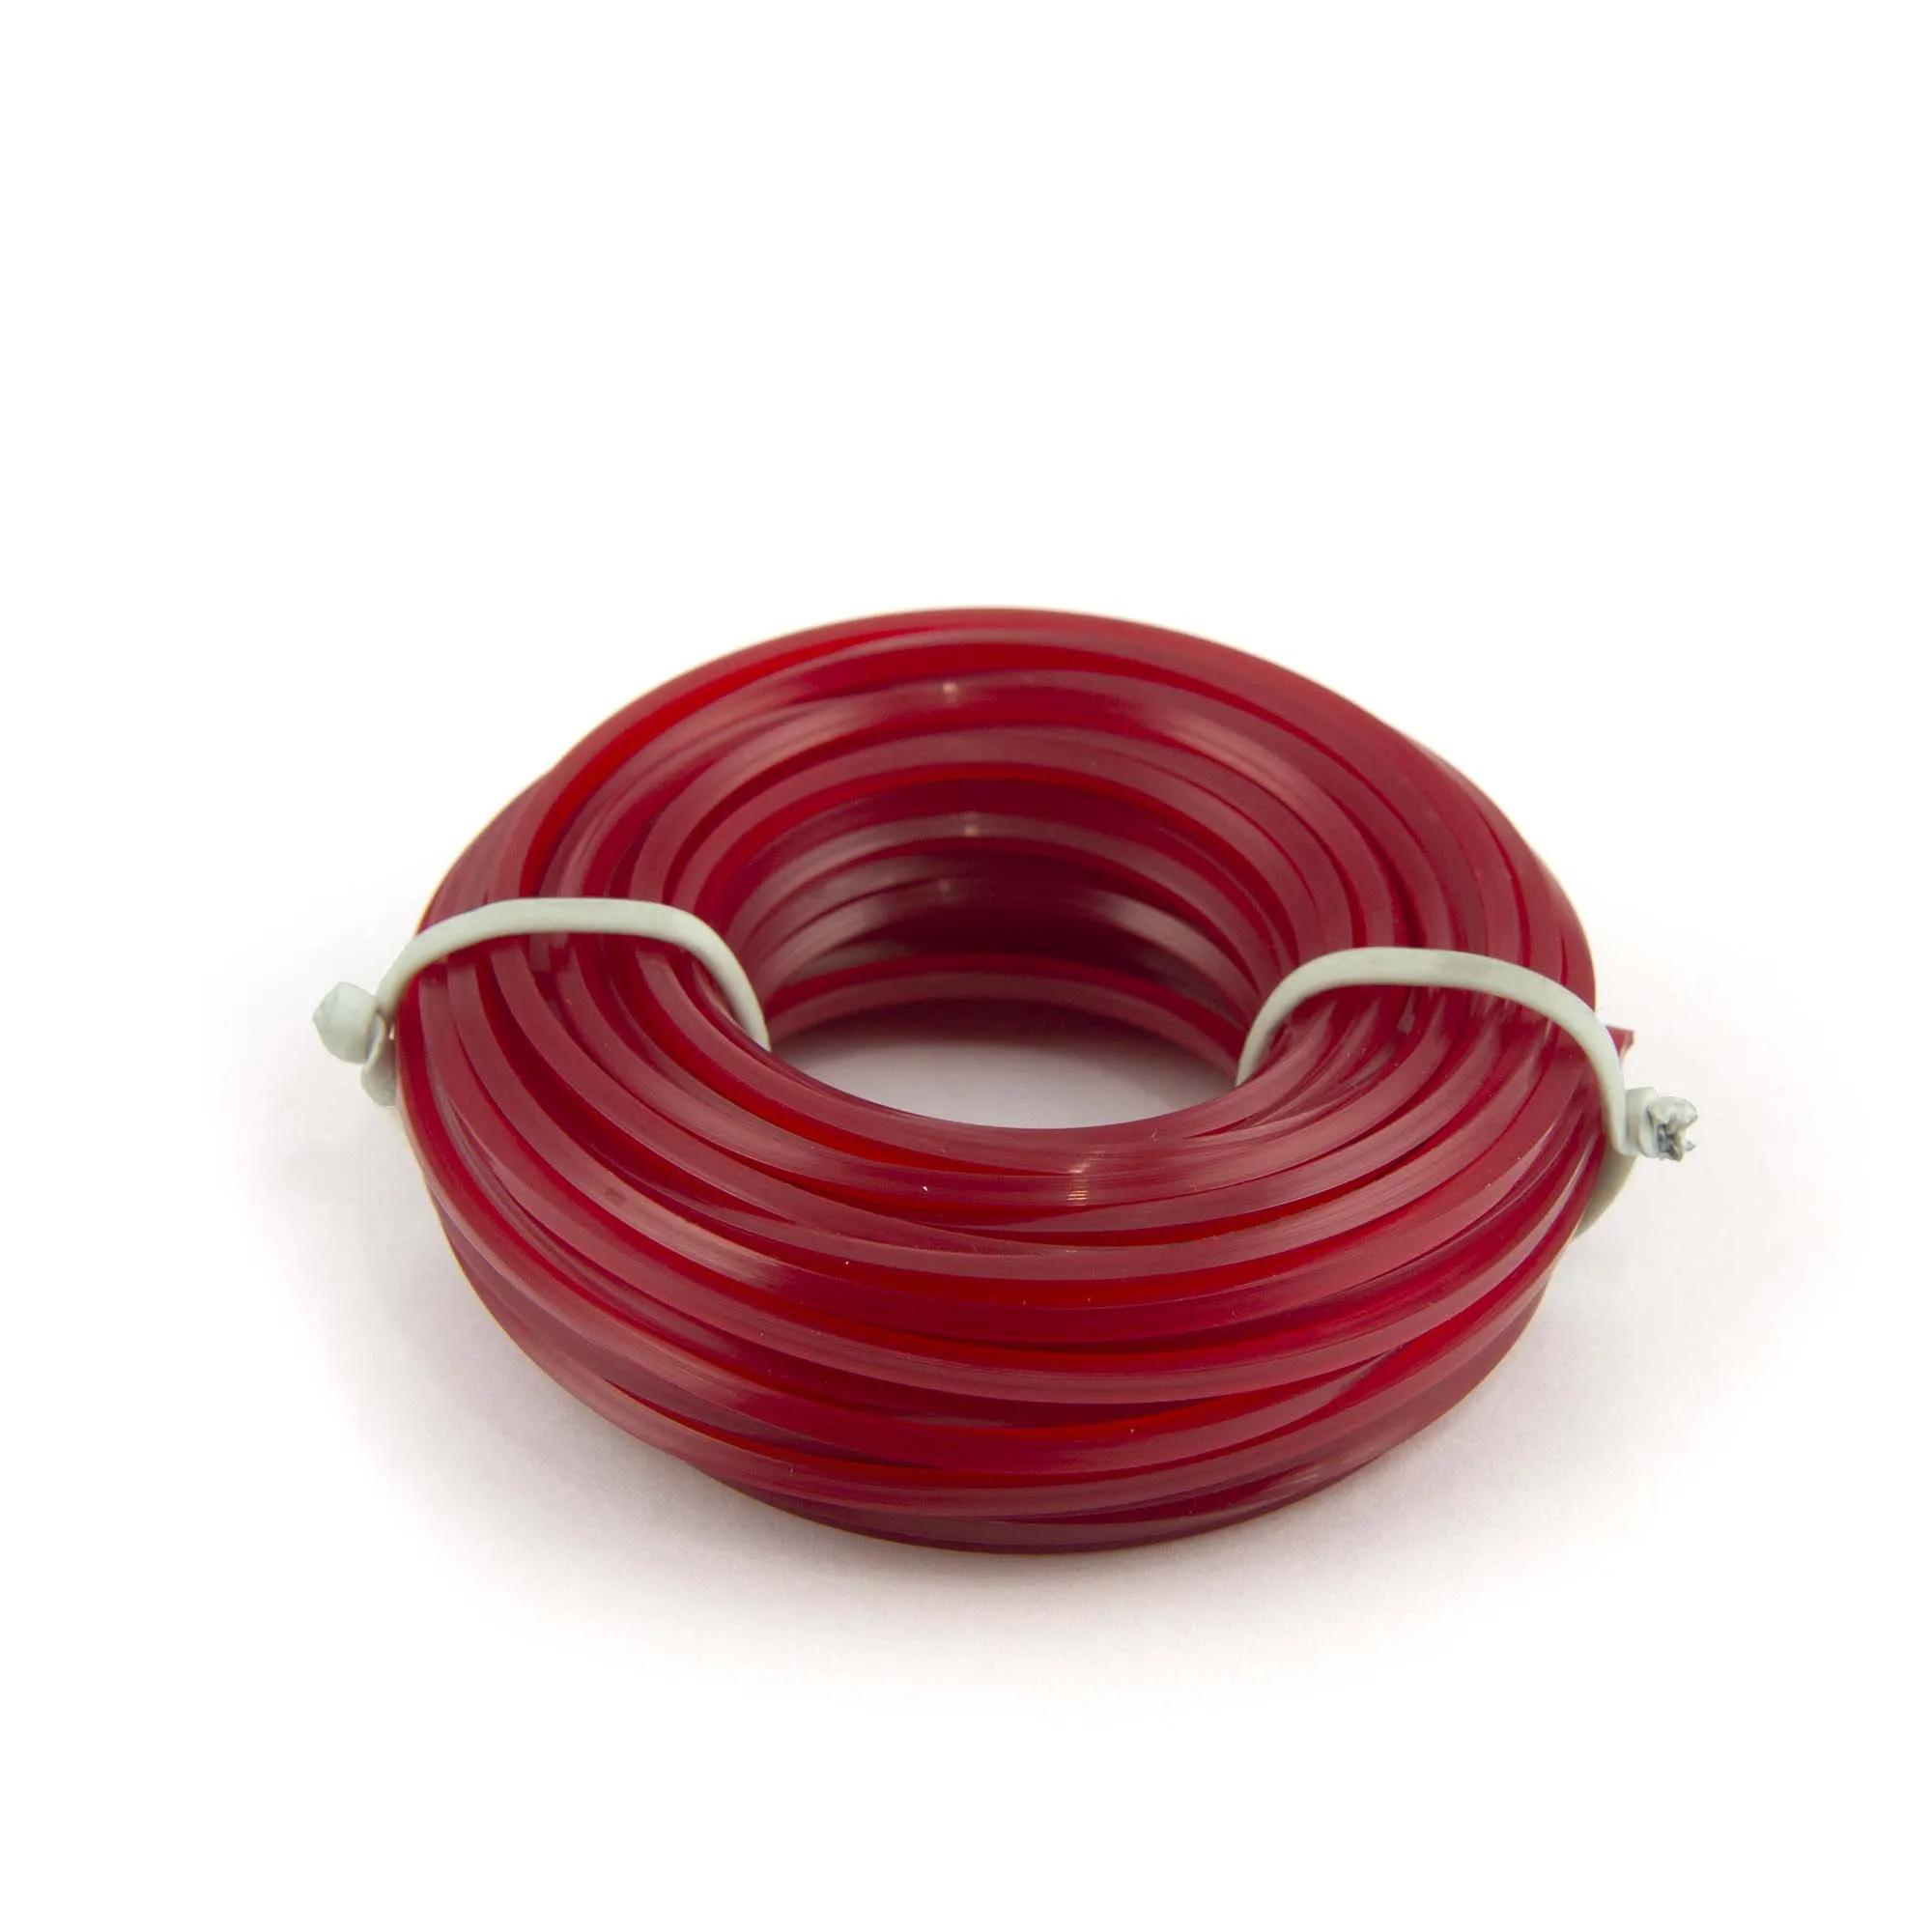 Linha cortador Grama vermelha - 10m  - Artpesca